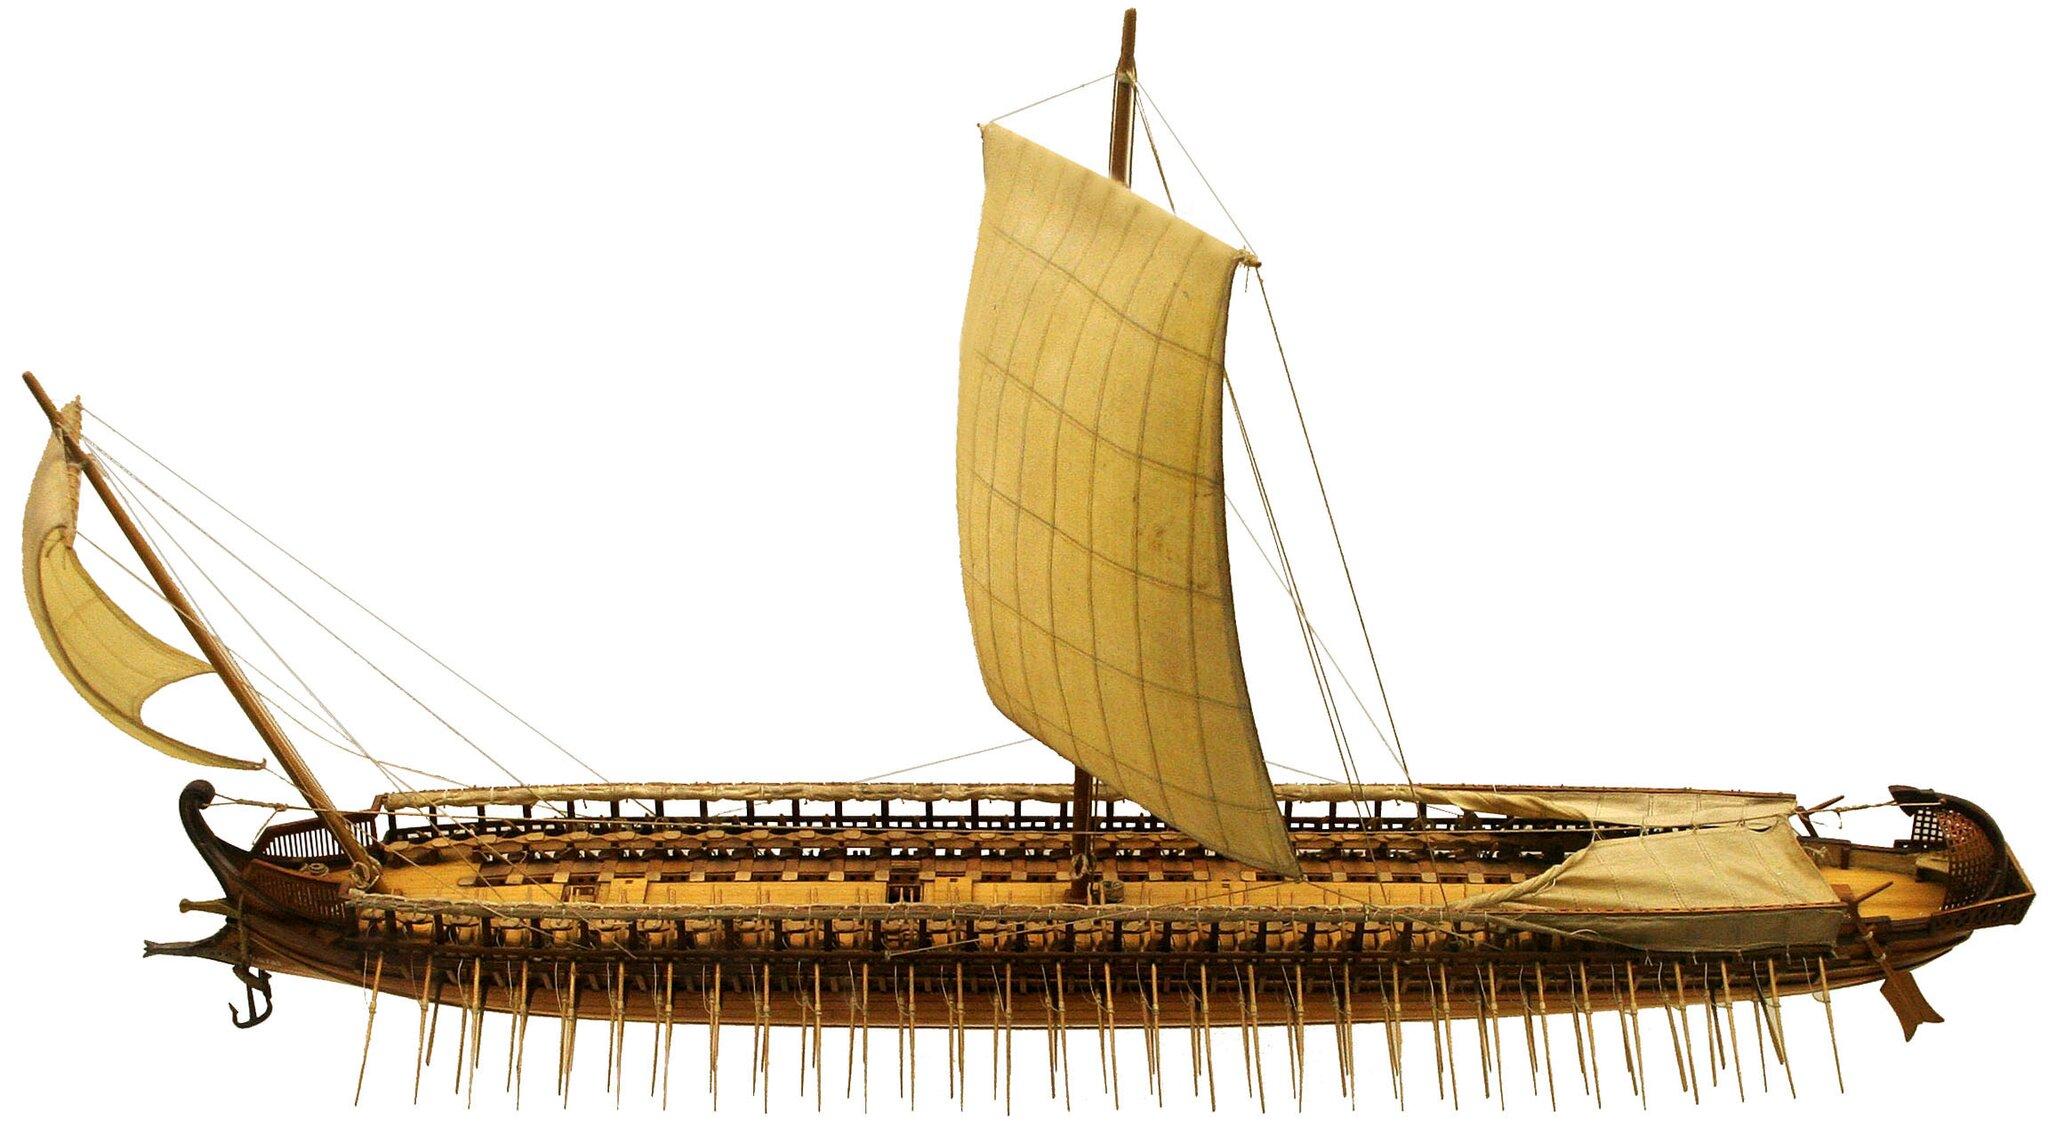 Grecka triera – okręt wojenny ztrzema rzędami wioseł Grecka triera – okręt wojenny ztrzema rzędami wioseł Źródło: MatthiasKabel, Muzeum Niemieckie, Monachium, licencja: CC BY-SA 3.0.